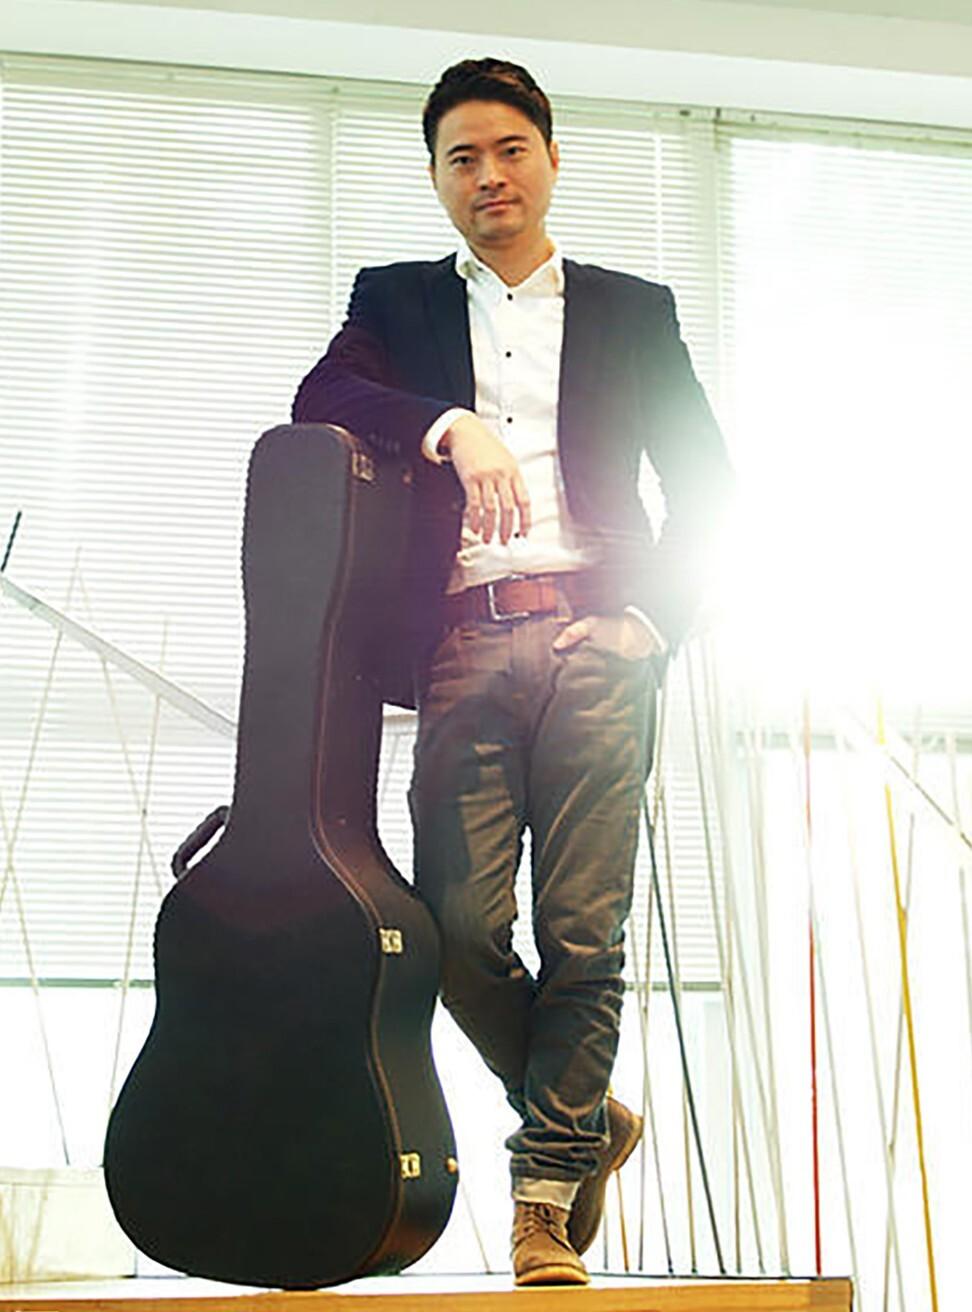 Xiami founder Wang Hao. Photo: Handout